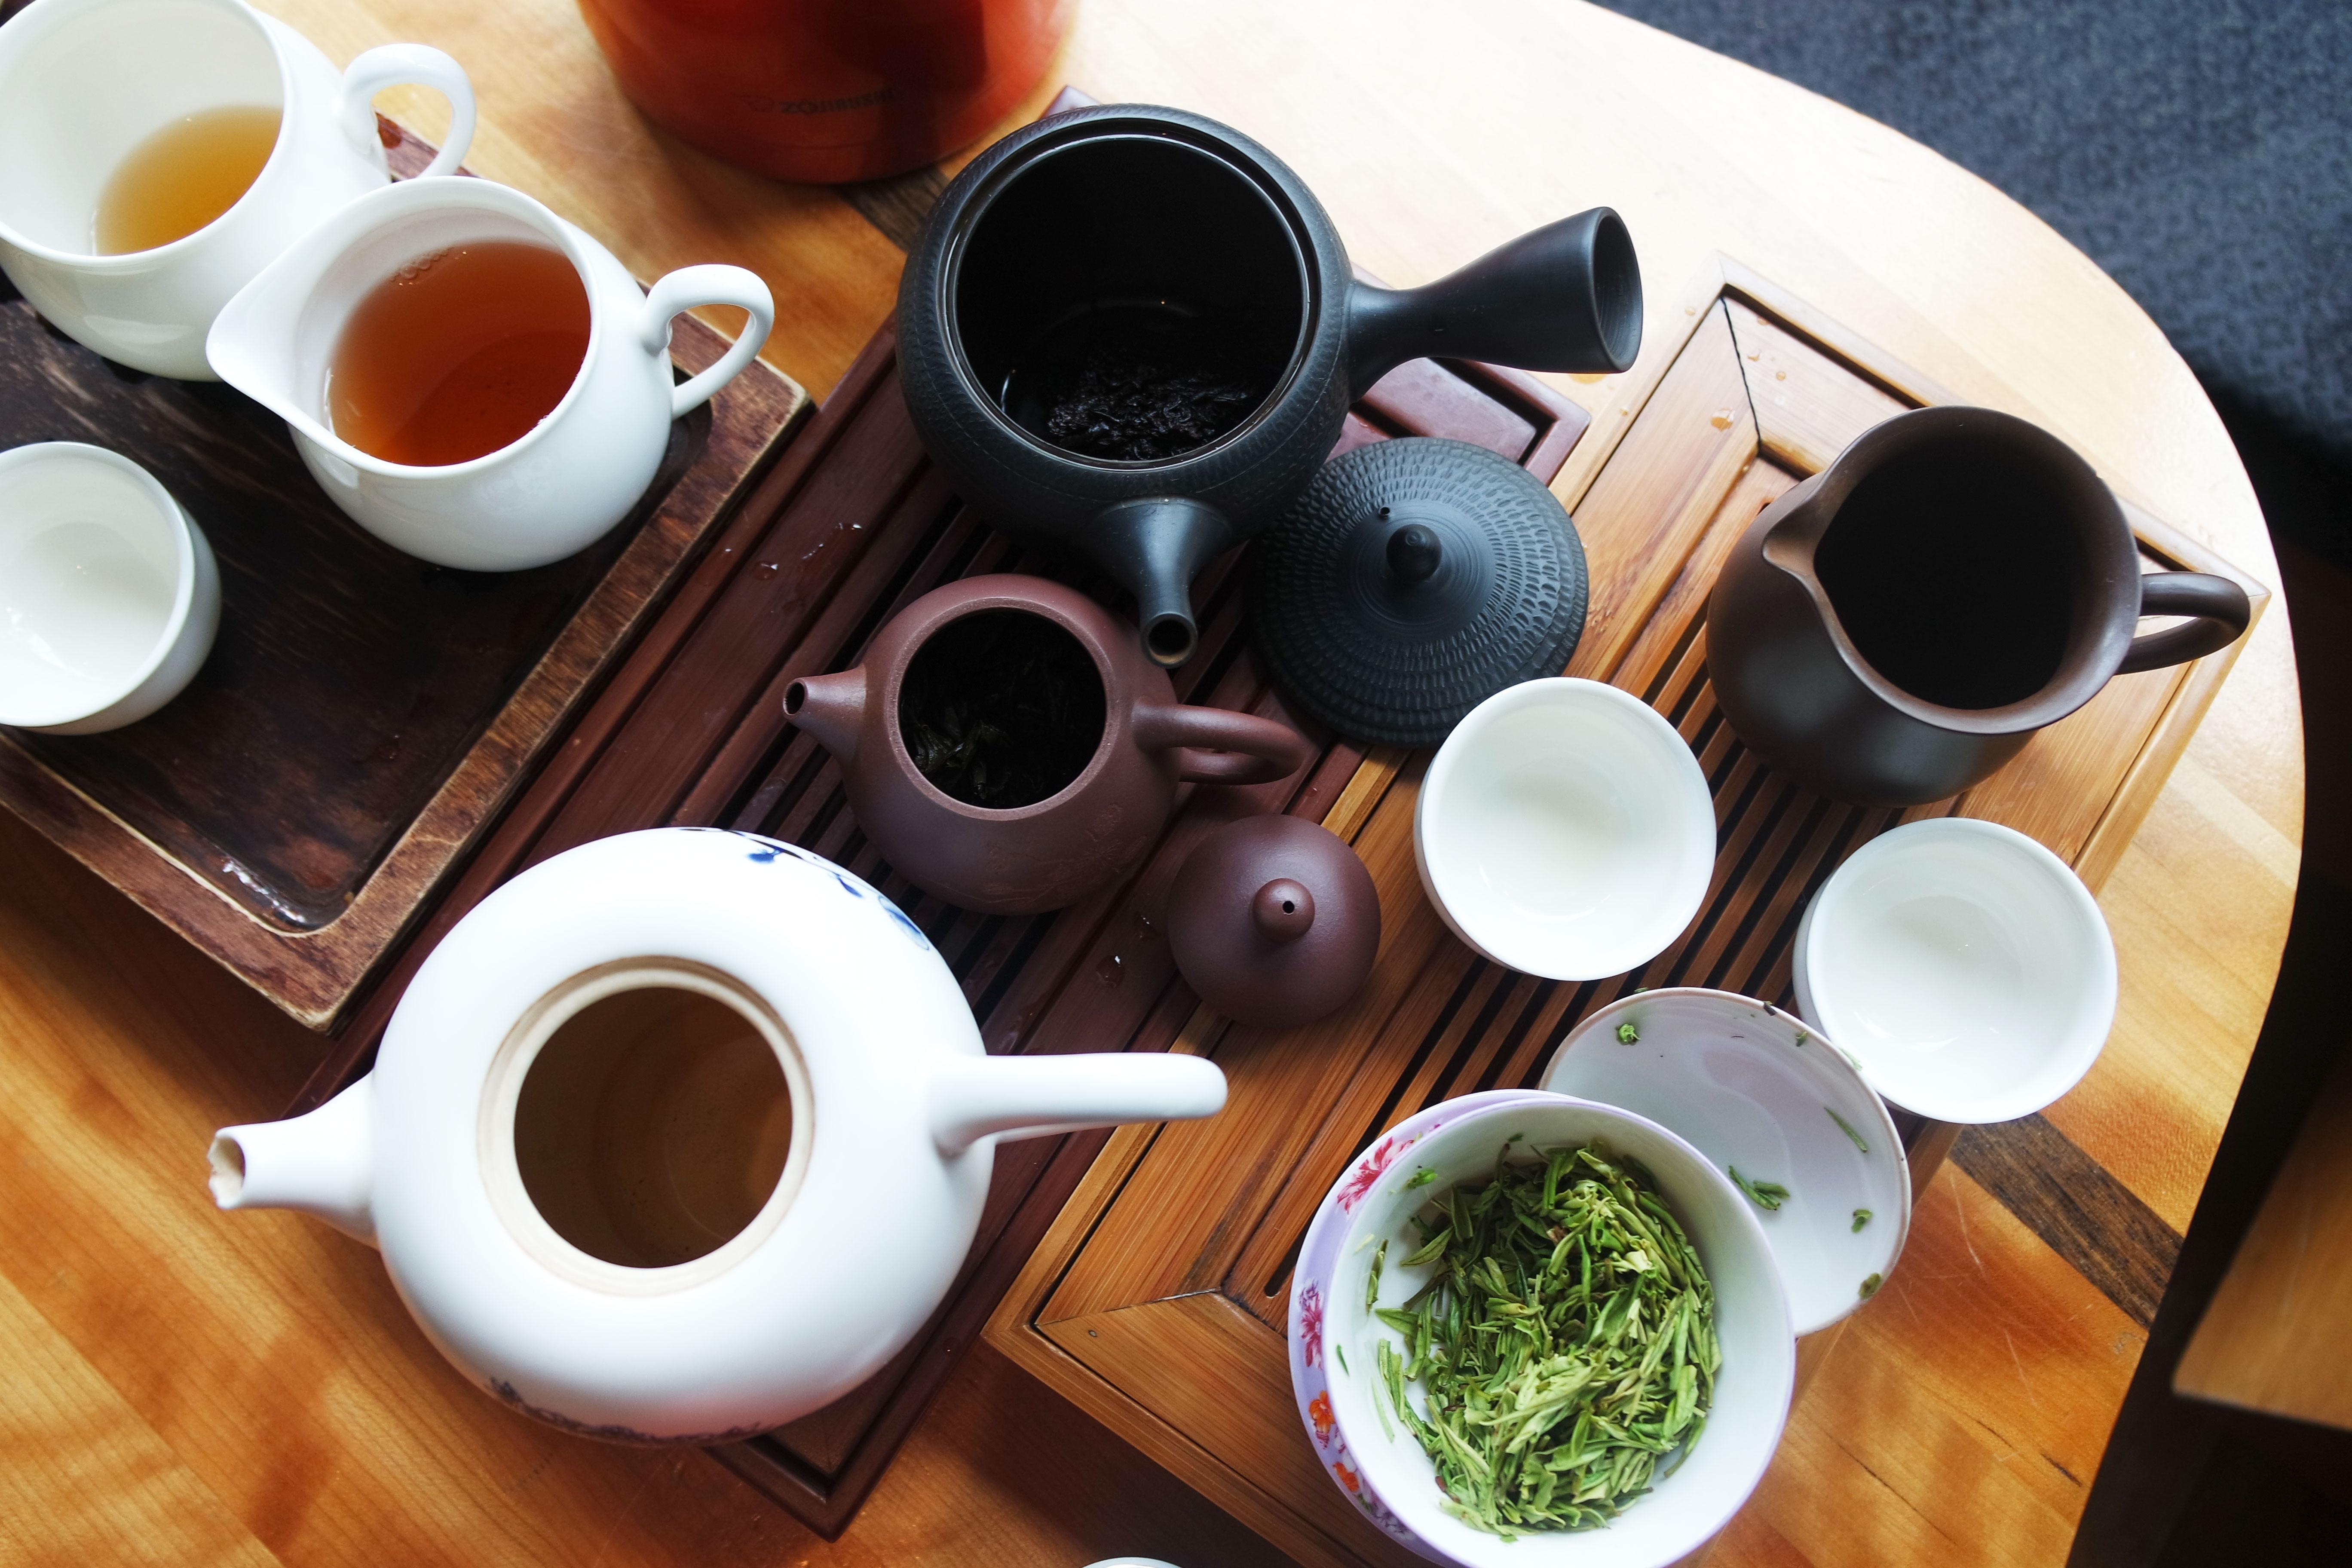 food-tour-montréal-ville-thé-sommelier-expérience-tea-choses-à-faire